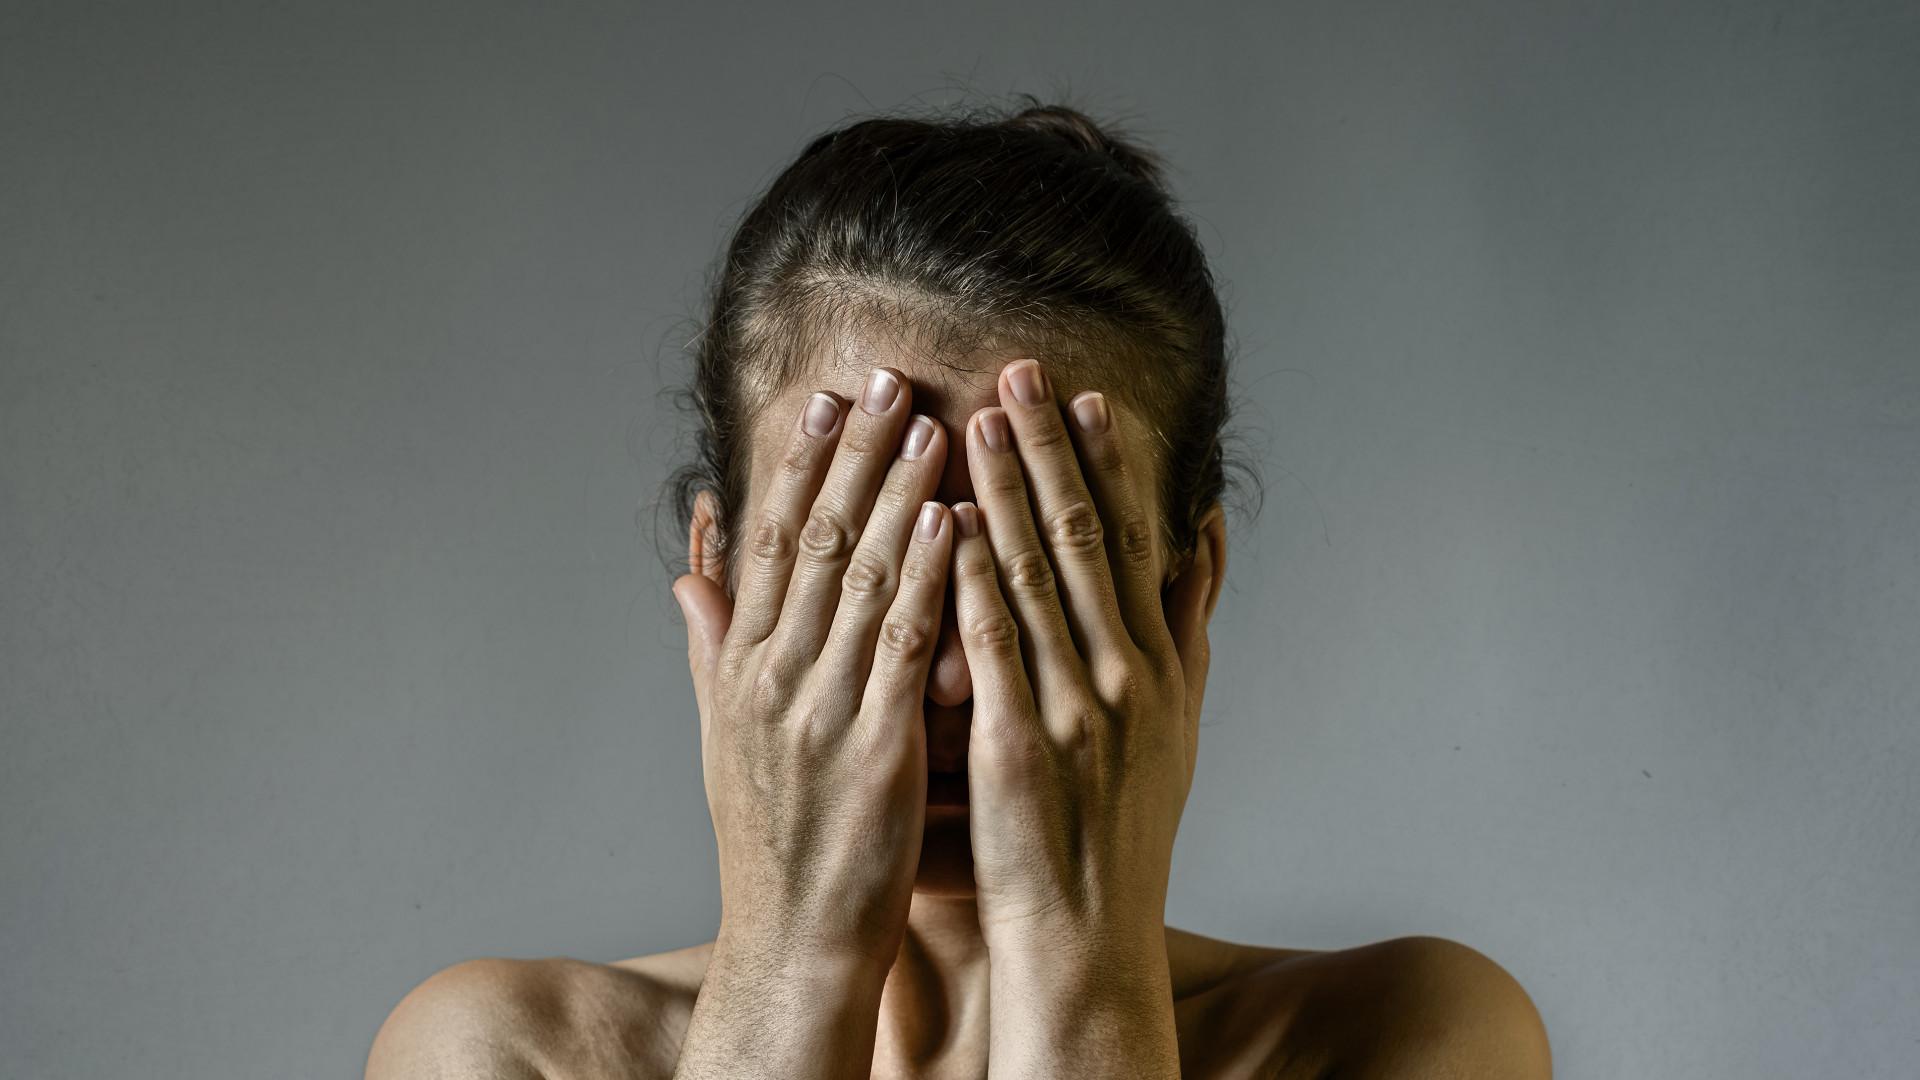 PSP recebeu mais de 600 queixas por violência no namoro em seis anos